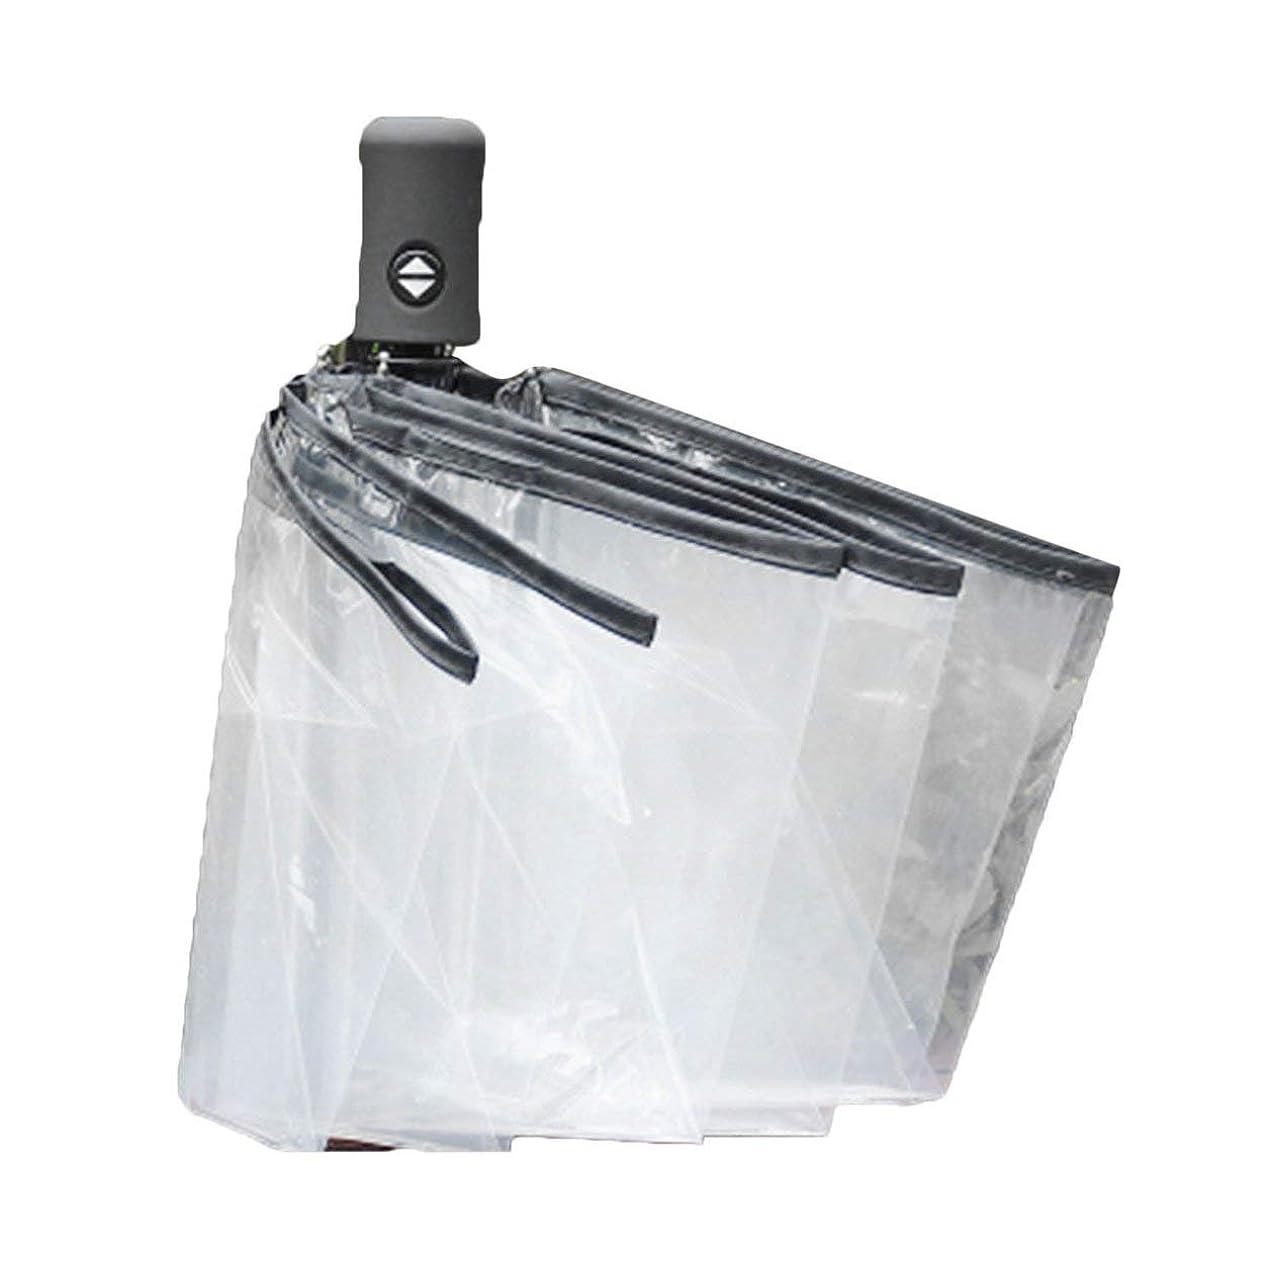 借りる多数の汚染されたSaikogoods コンパクト 全自動傘 三の折りたたみ 防風性 クリア傘女性男性8リブ防雨透明な傘のギフト 黒